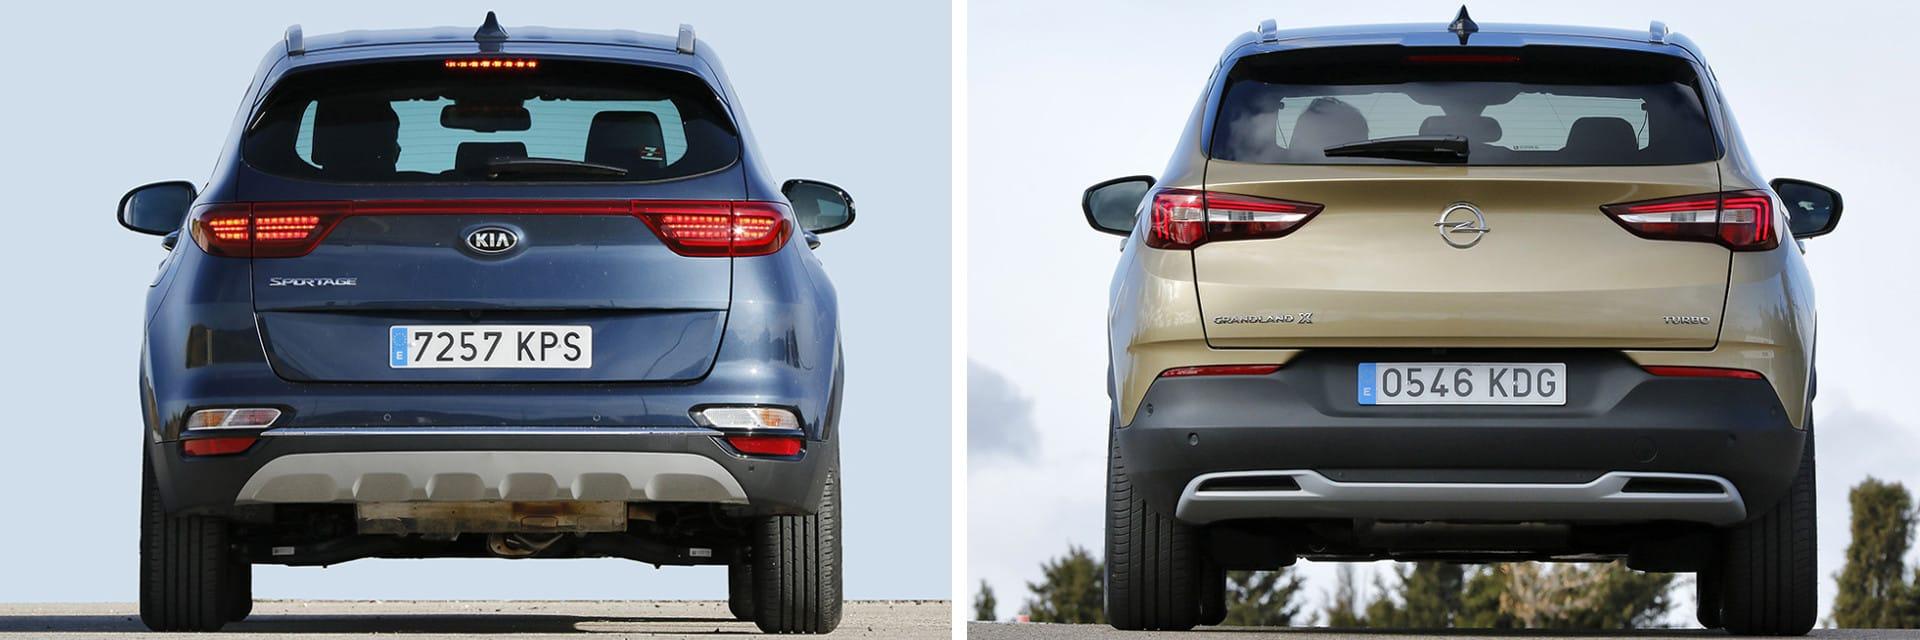 El KIA Sportage (izq.) y el Opel Grandland X (dcha.) tienen un consumo combinado de alrededor de 8 l/100 km.